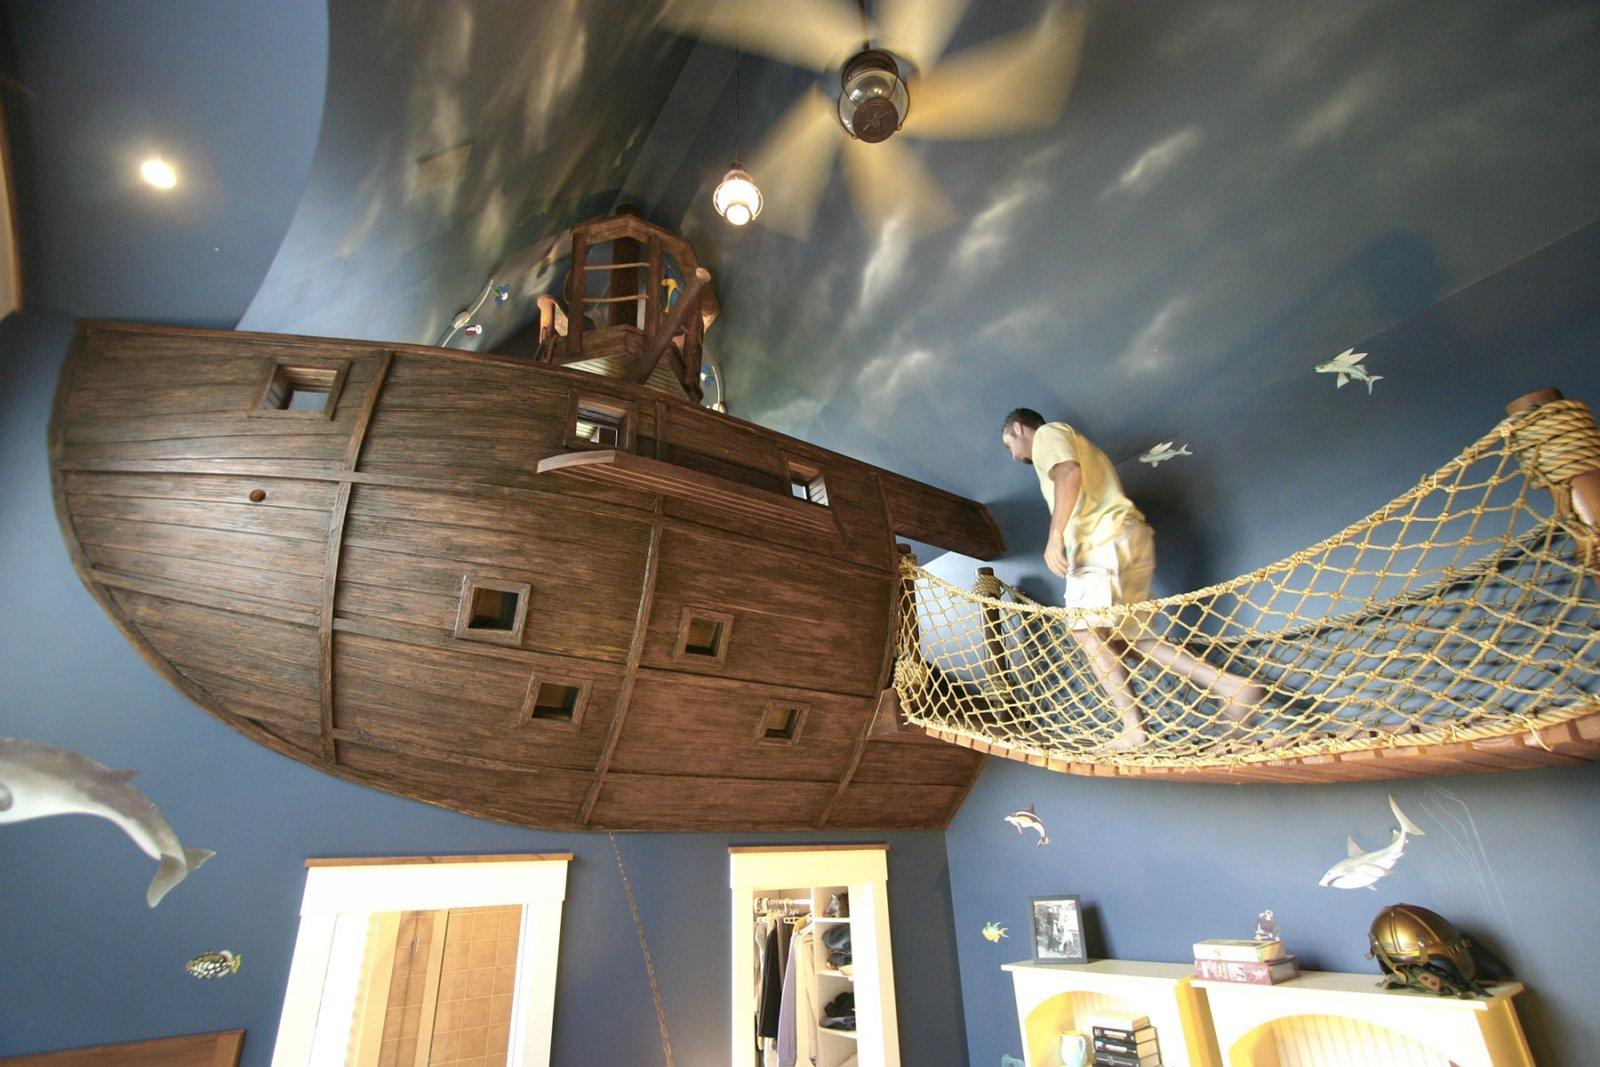 infantiles con decoracin pirata